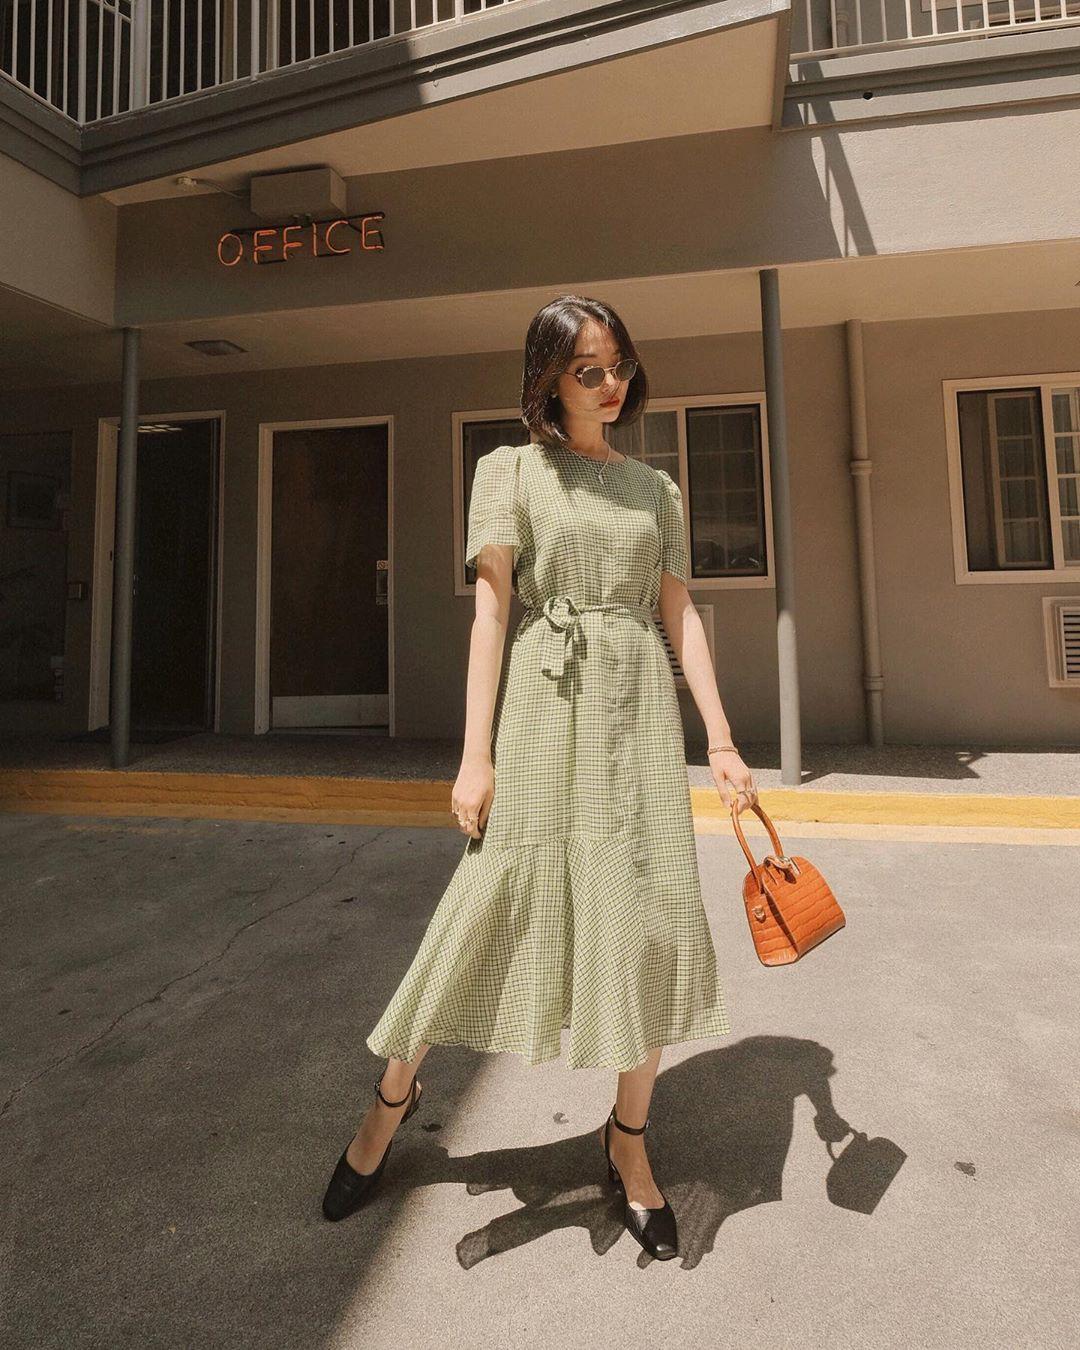 Street style Châu Á: Chẳng cầu kỳ, chỉ với vài ba món đồ công sở đơn giản mà vẫn mãn nhãn người nhìn - Ảnh 8